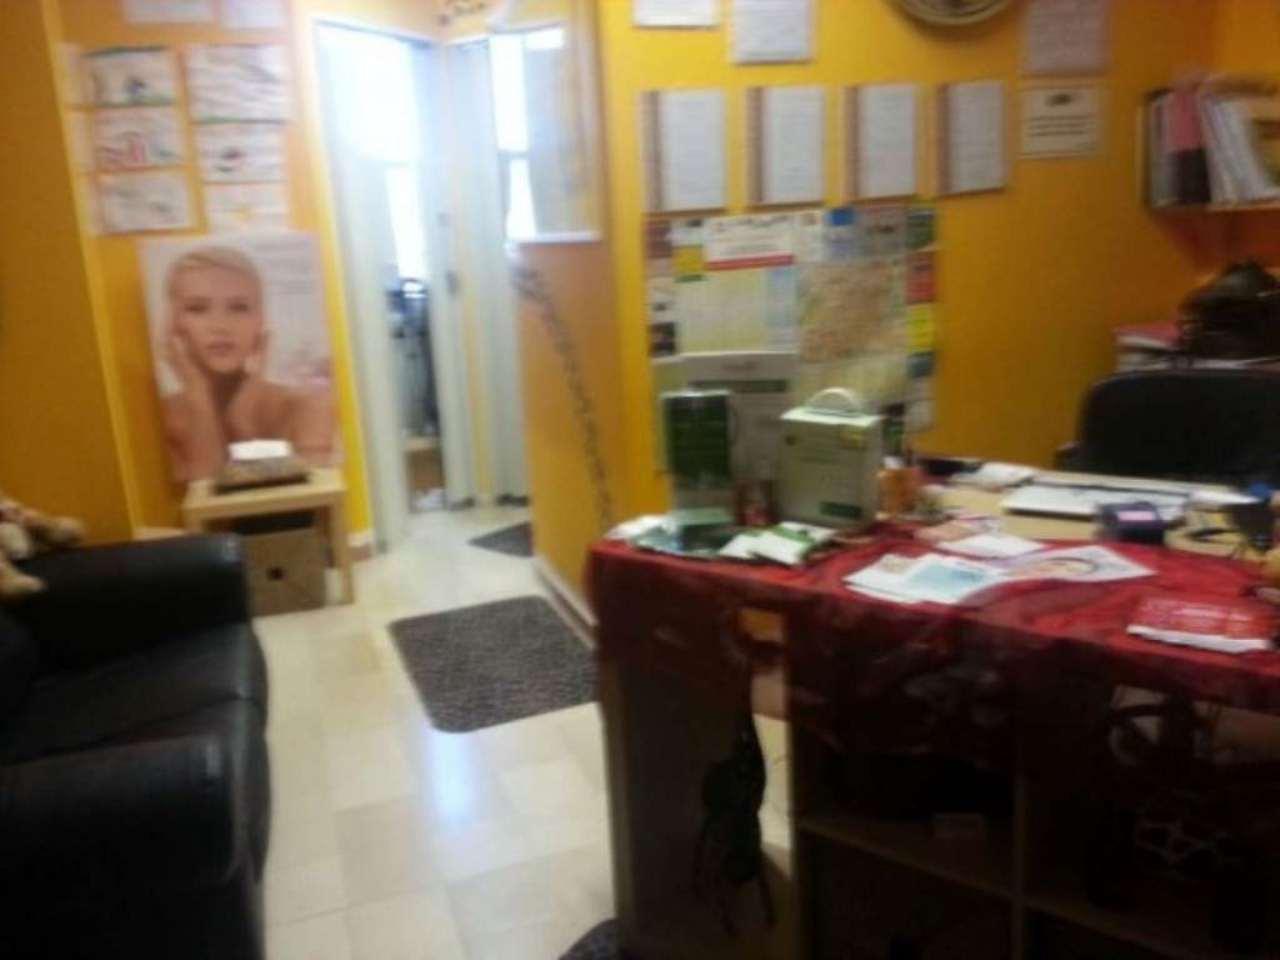 Ufficio / Studio in vendita a Cologno Monzese, 6 locali, prezzo € 585.000 | CambioCasa.it